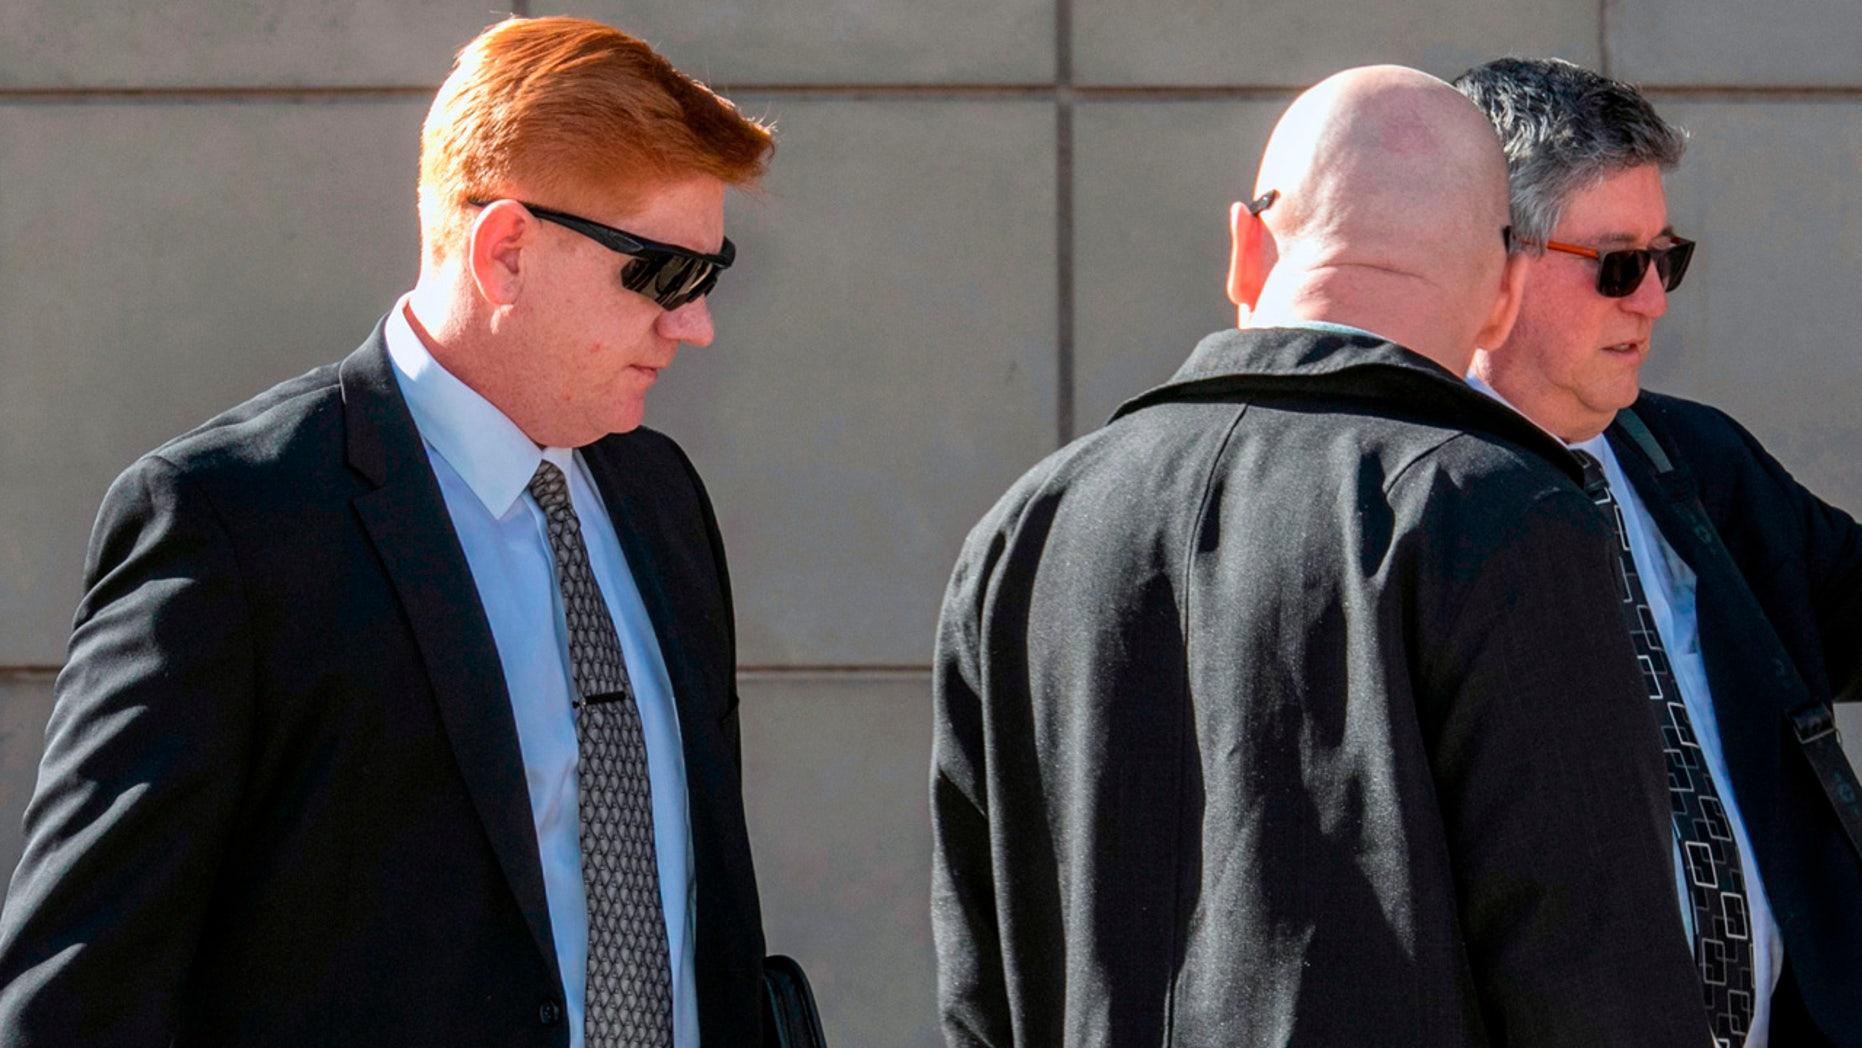 Lonnie Swartz, left, walks into federal court in Tucson, Ariz. last month.